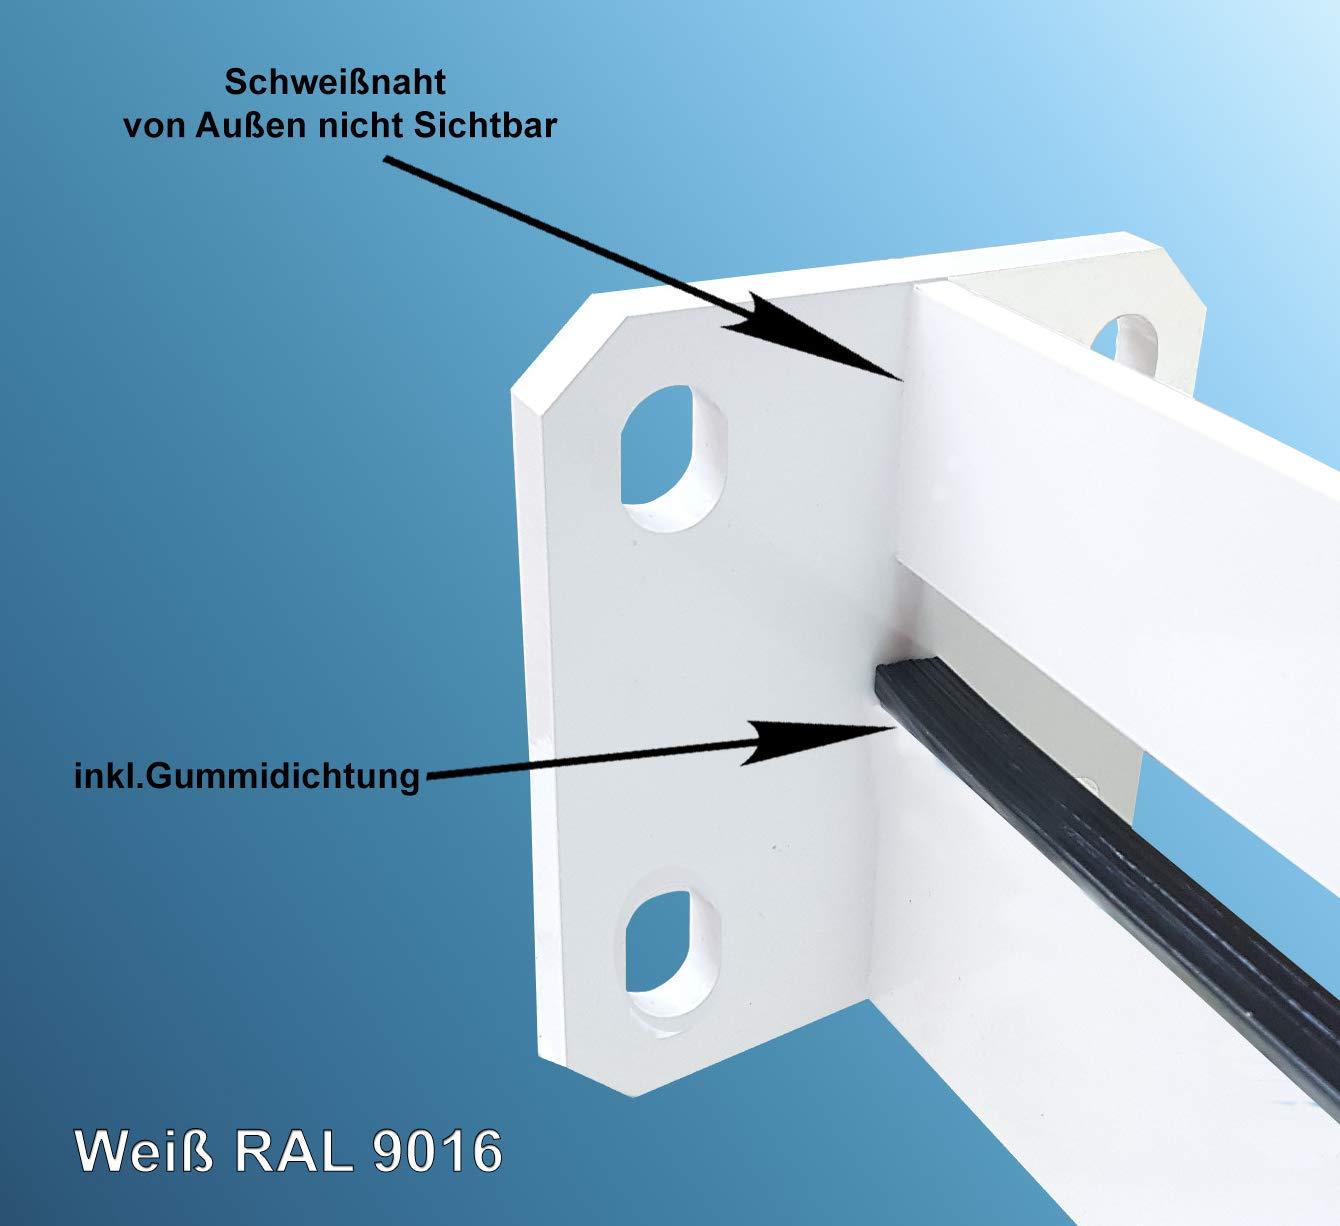 1 St/ück Vordach Vordachtr/äger Vordachhalter Model Eckig Tr/äger Wei/ß Weiss RAL 9016